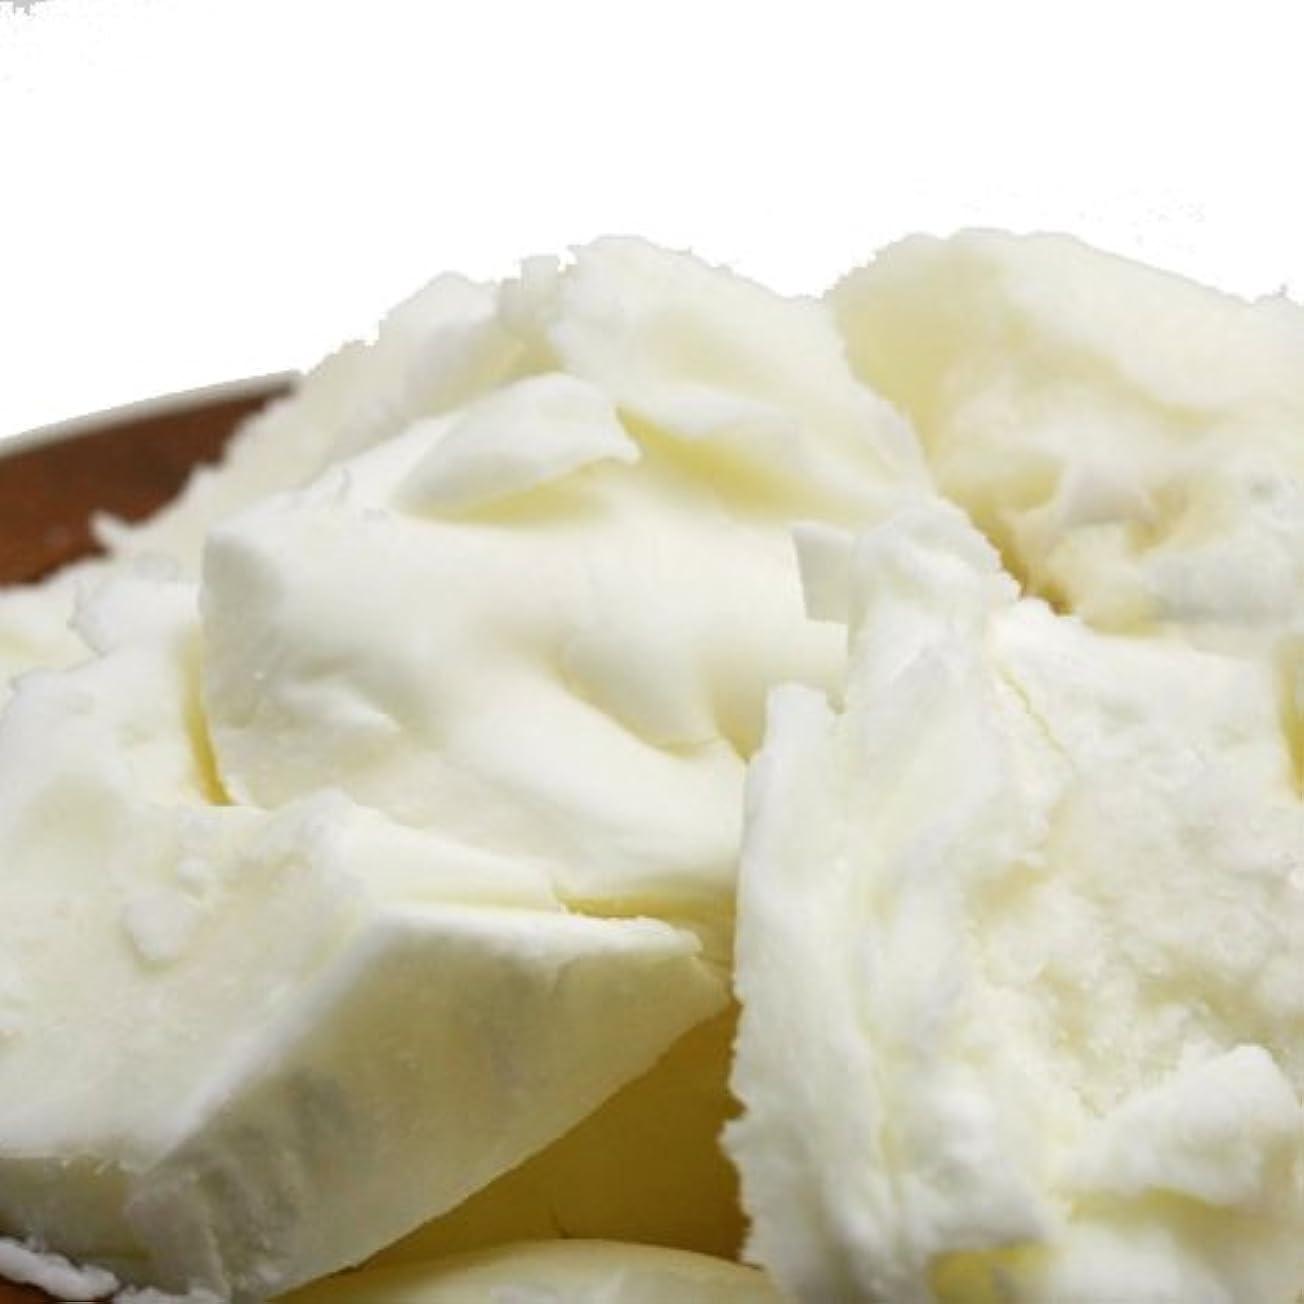 赤道カウント宇宙の精製シアバター 500g シア脂 【手作り石鹸/手作りコスメ/手作り化粧品】